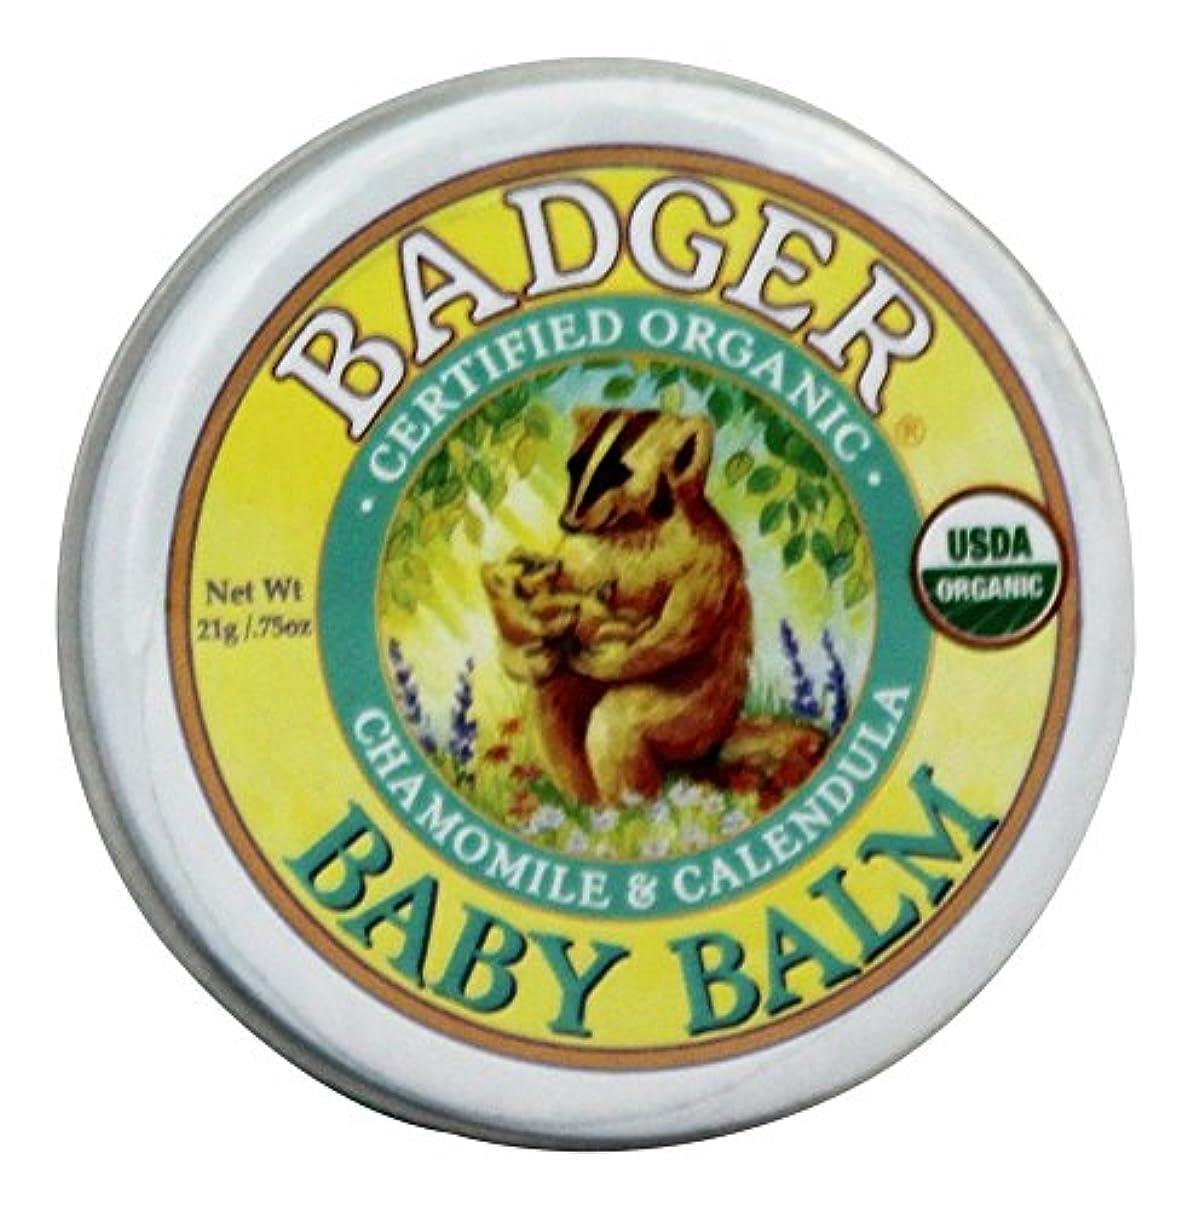 参加する呼び出す危険Badger - 赤ん坊の香油のChamomile及びCalendula - 0.75ポンド [並行輸入品]